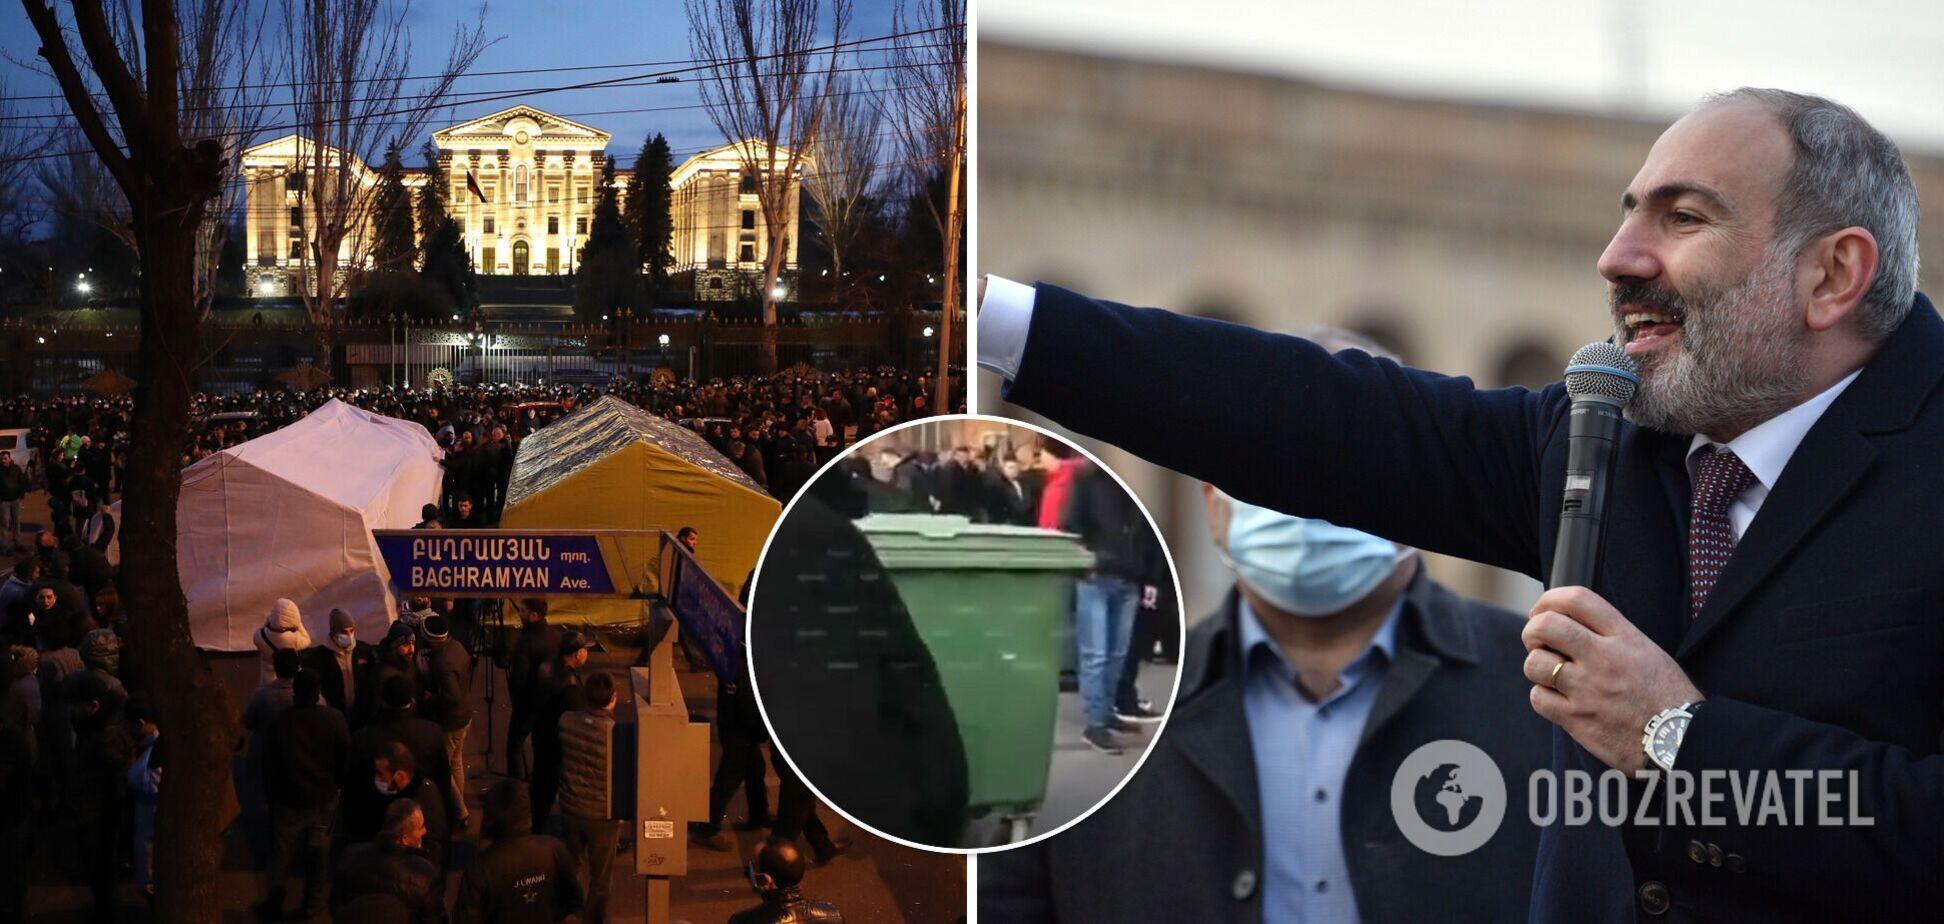 У Єревані опозиція почала будувати барикади: Пашинян зателефонував Путіну. Фото та відео